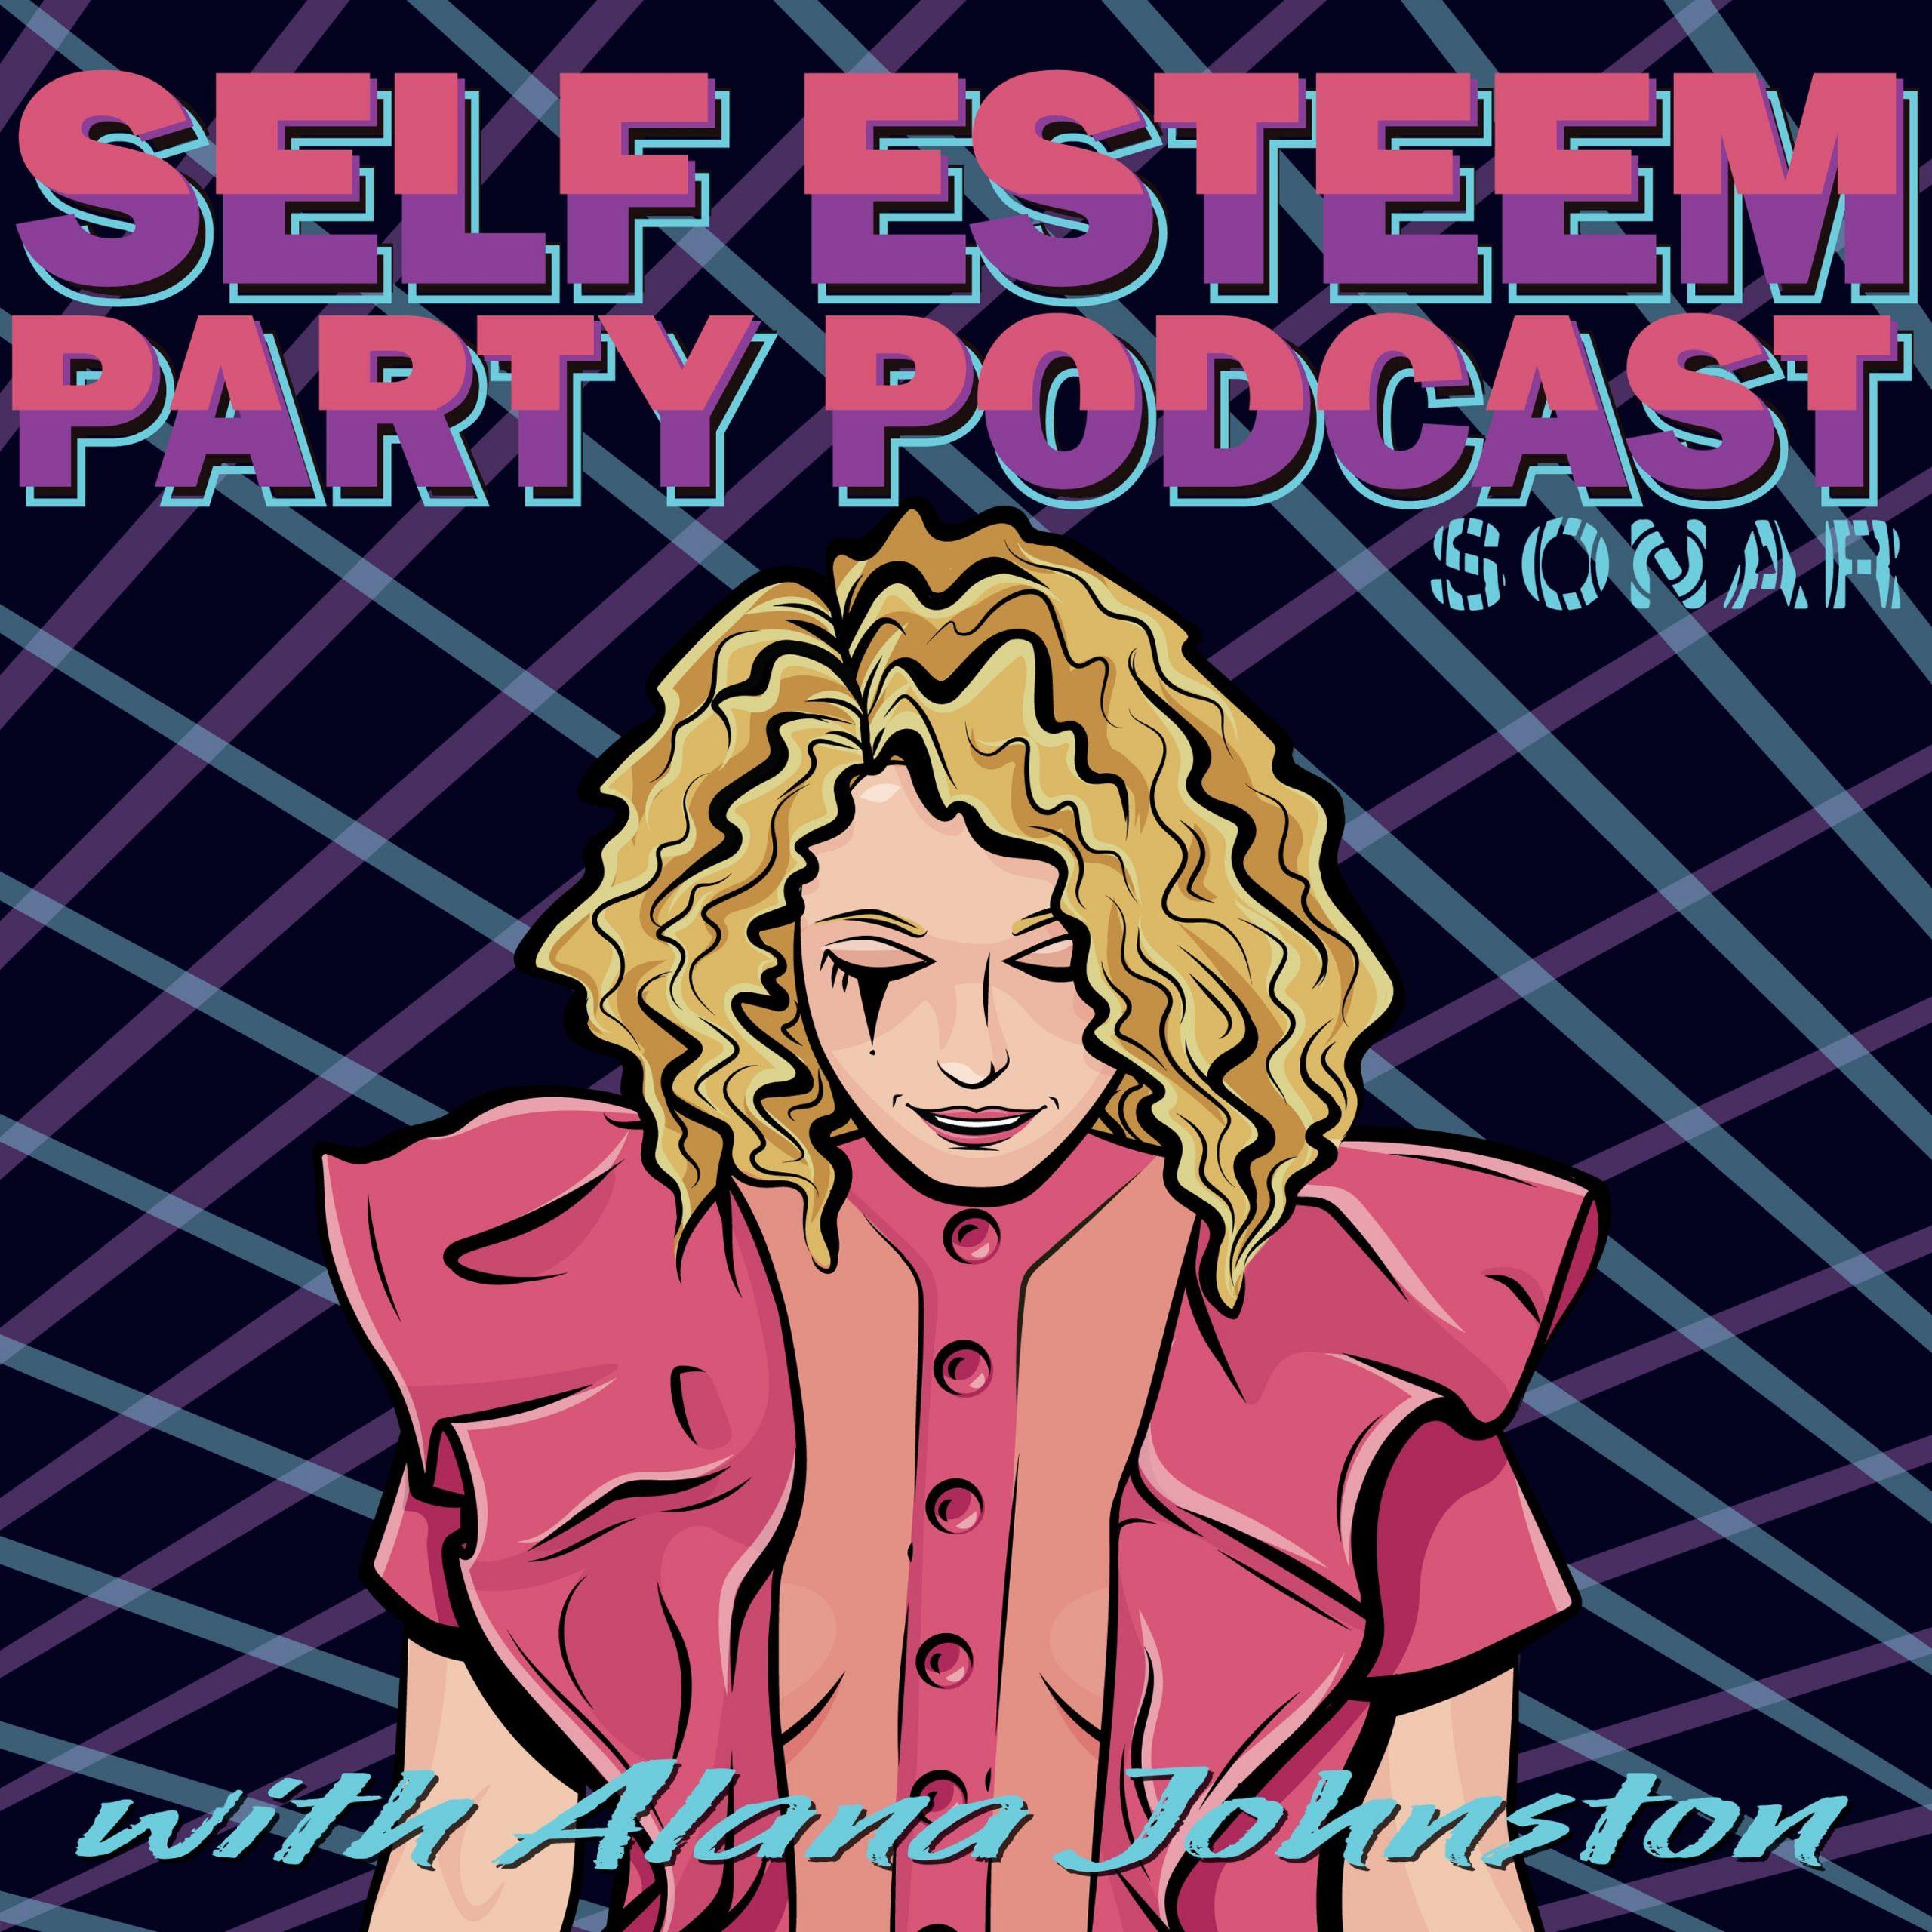 Self Esteem Party